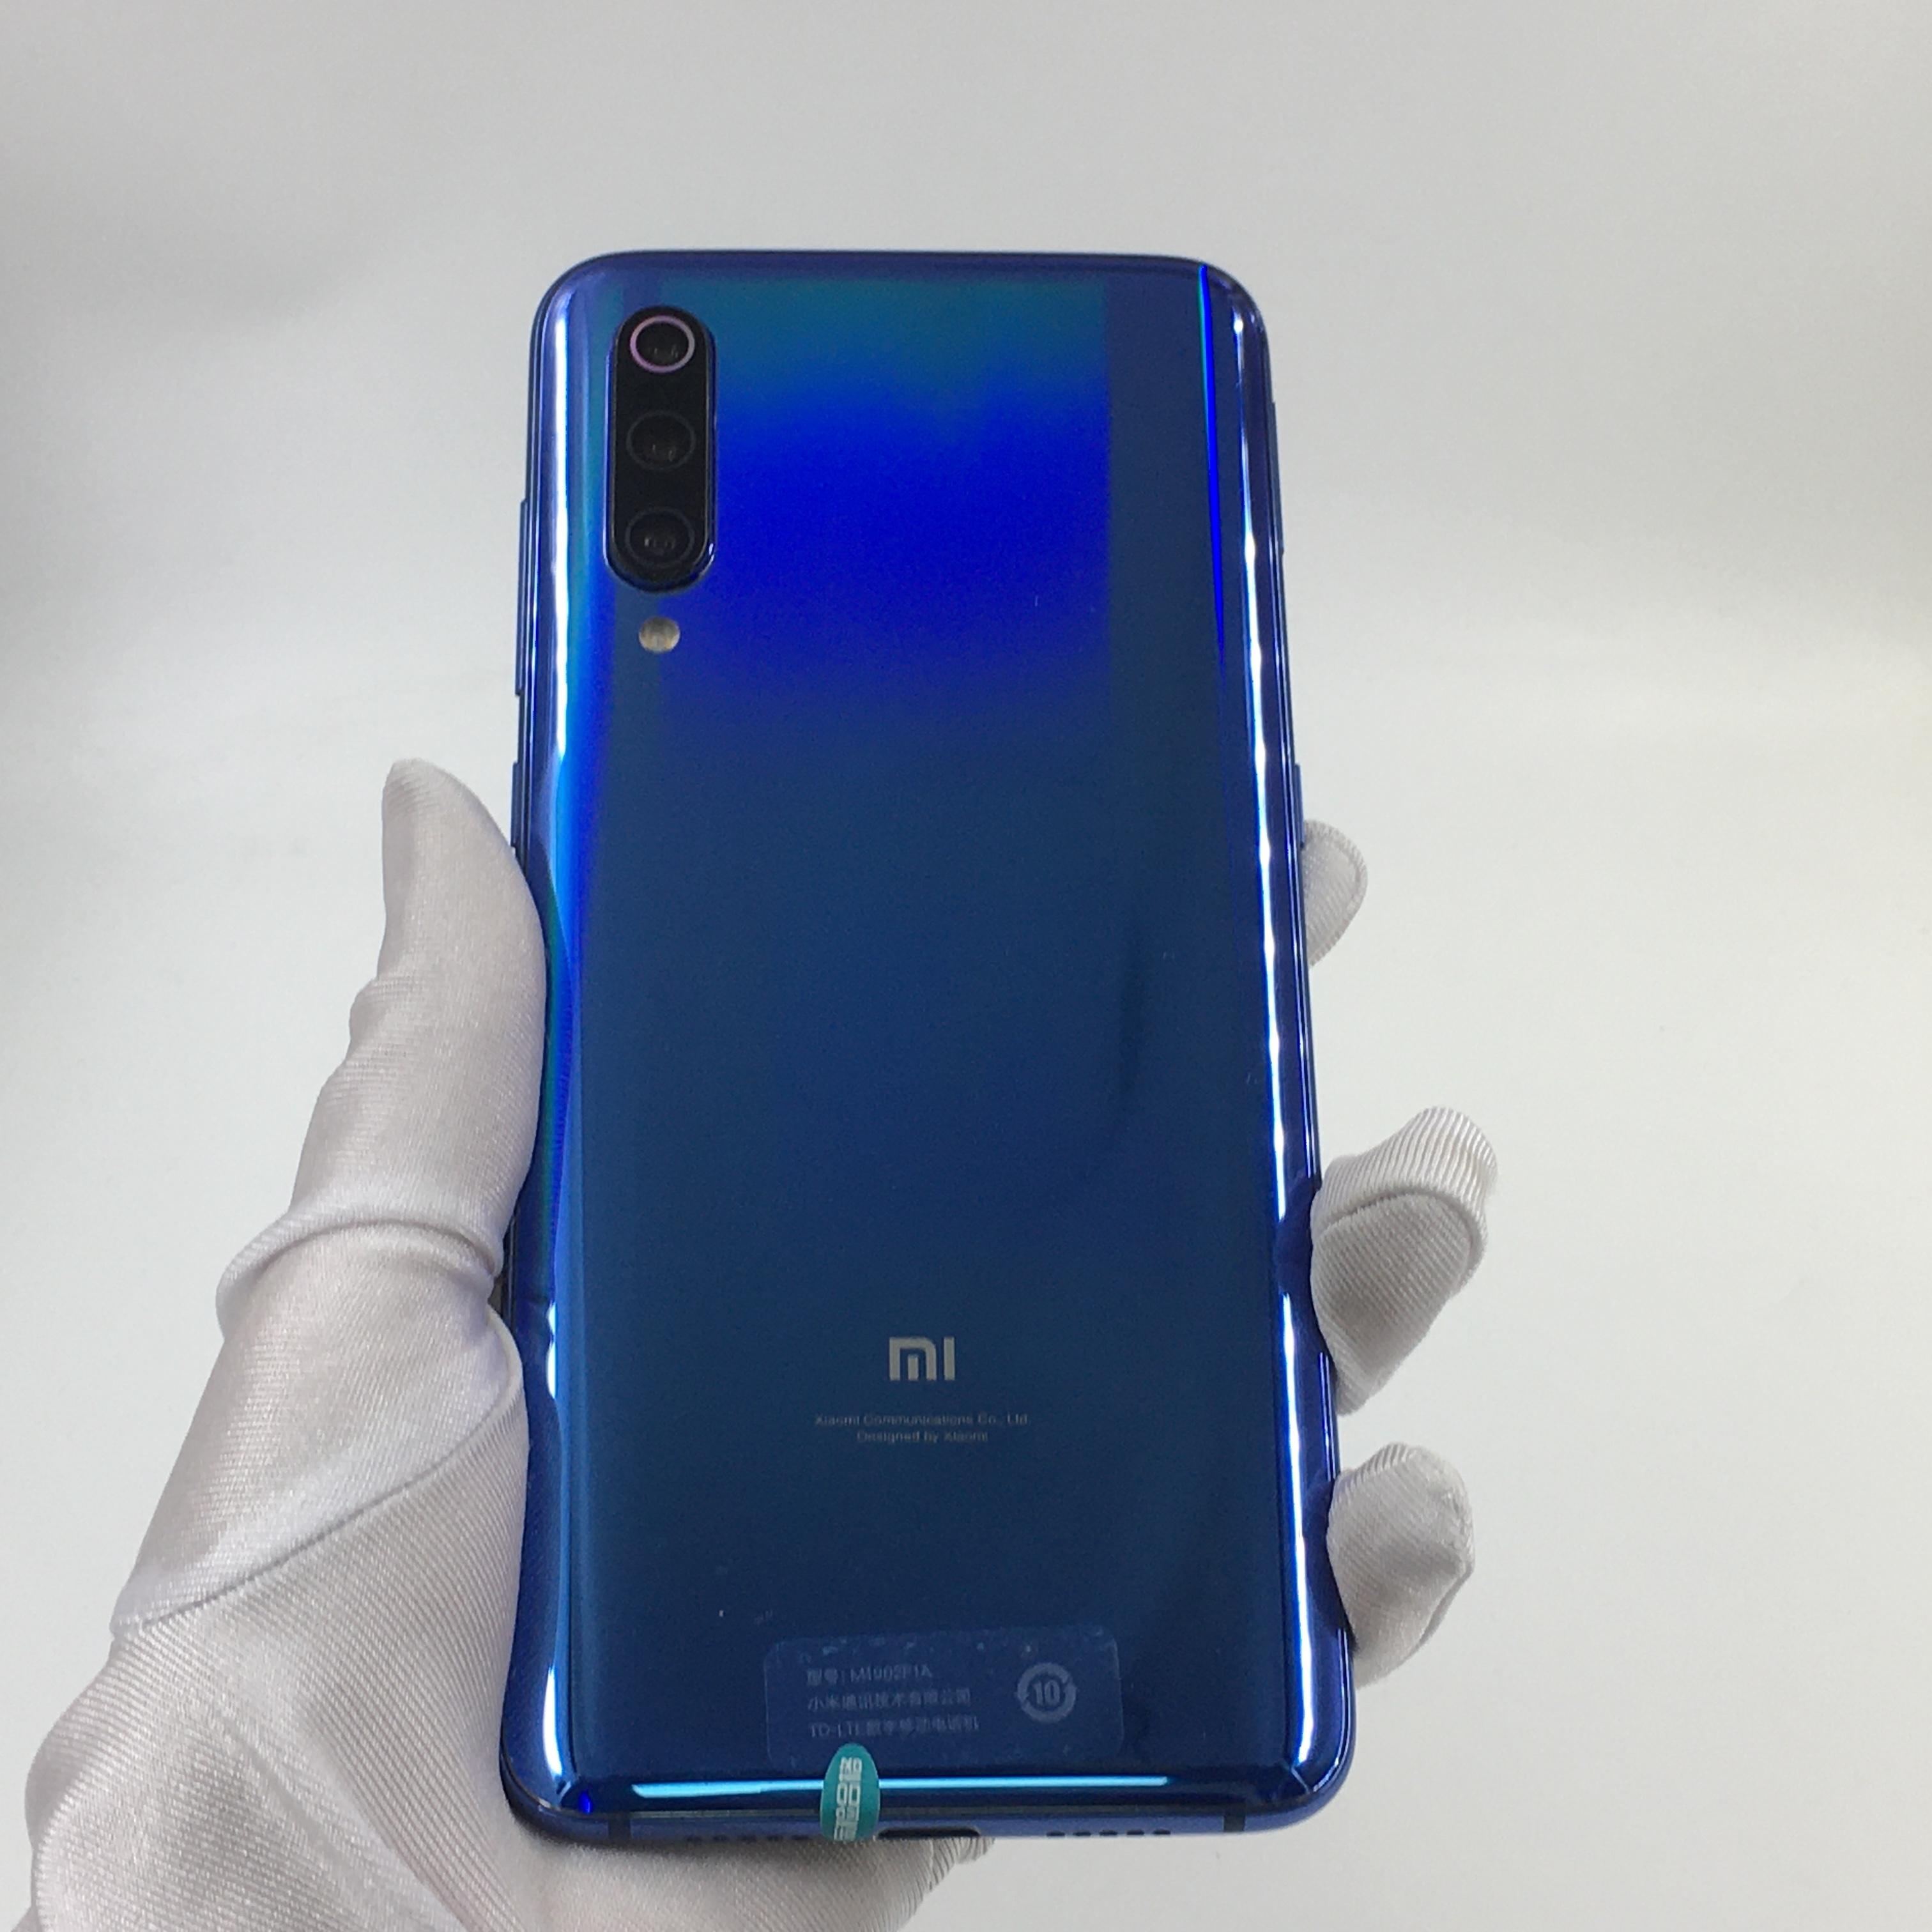 小米【小米 CC 9e】4G全网通 蓝色 6G/128G 国行 9成新 6G/128G真机实拍